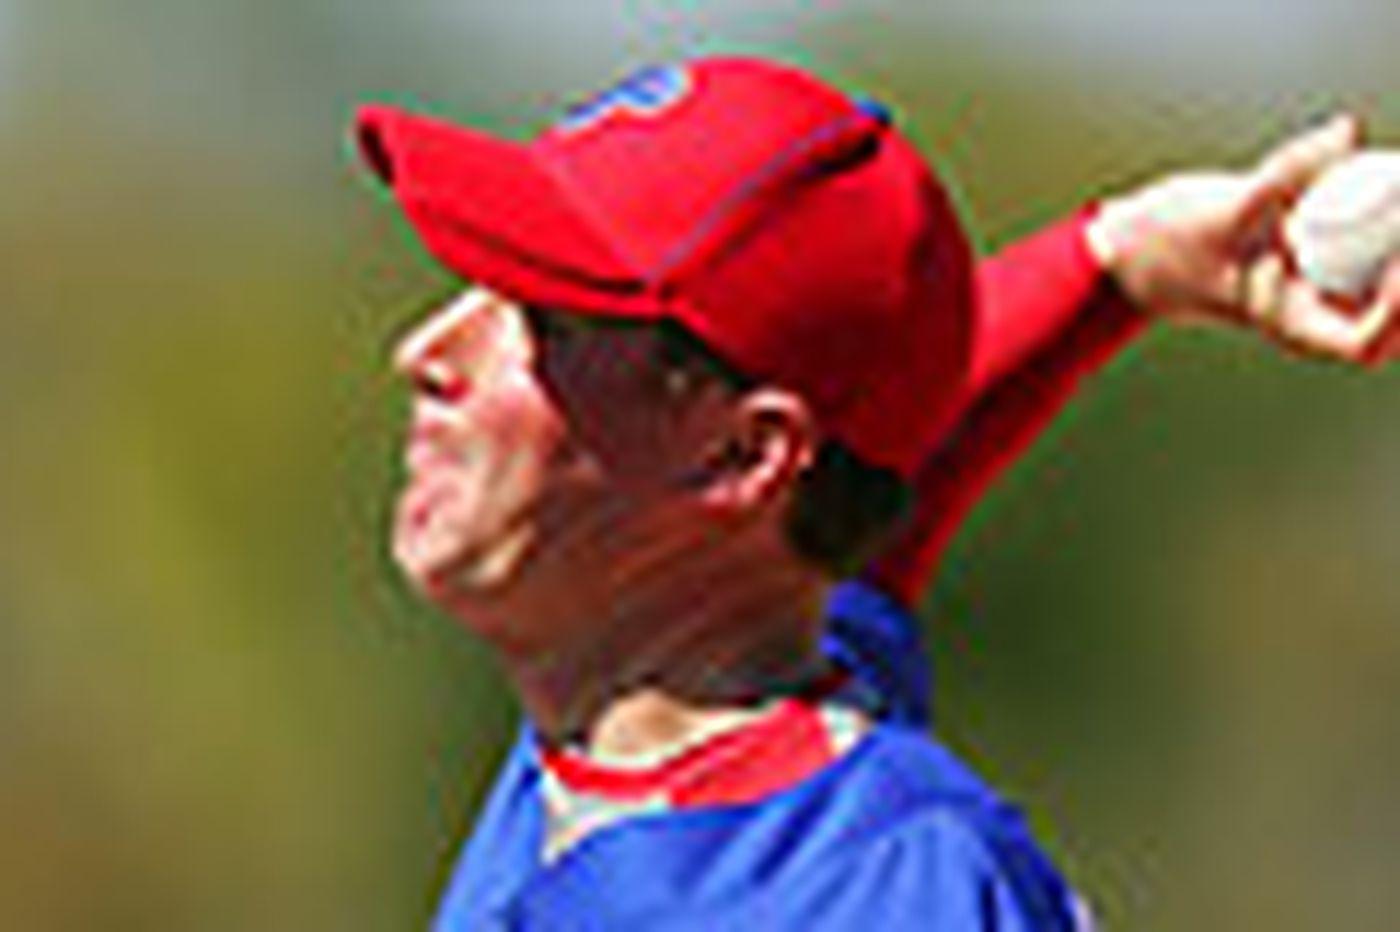 Phillies prospect Rosenberg learning outside the bullpen